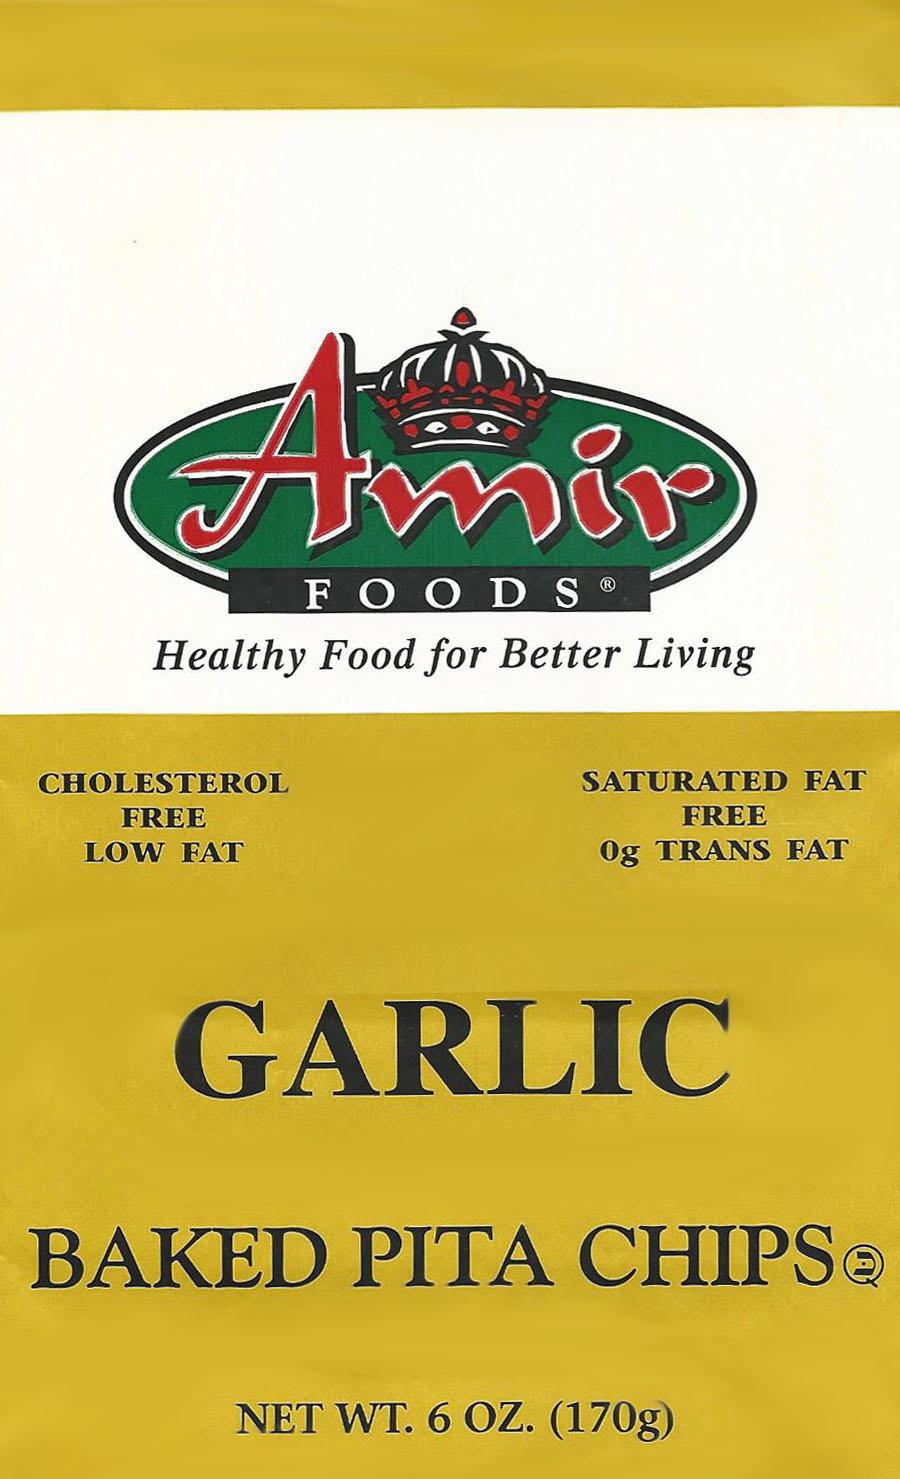 garlicchips.jpg